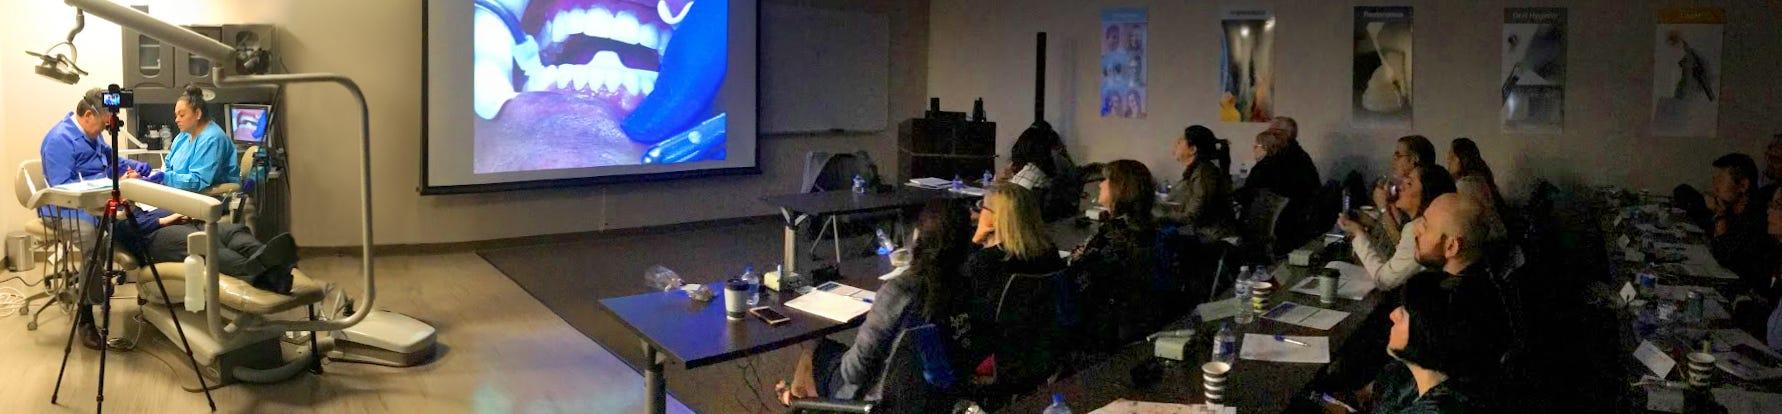 Dental Education Course - Advanced Veneer Esthetics: A Live-Placement Program - Lompoc, CA